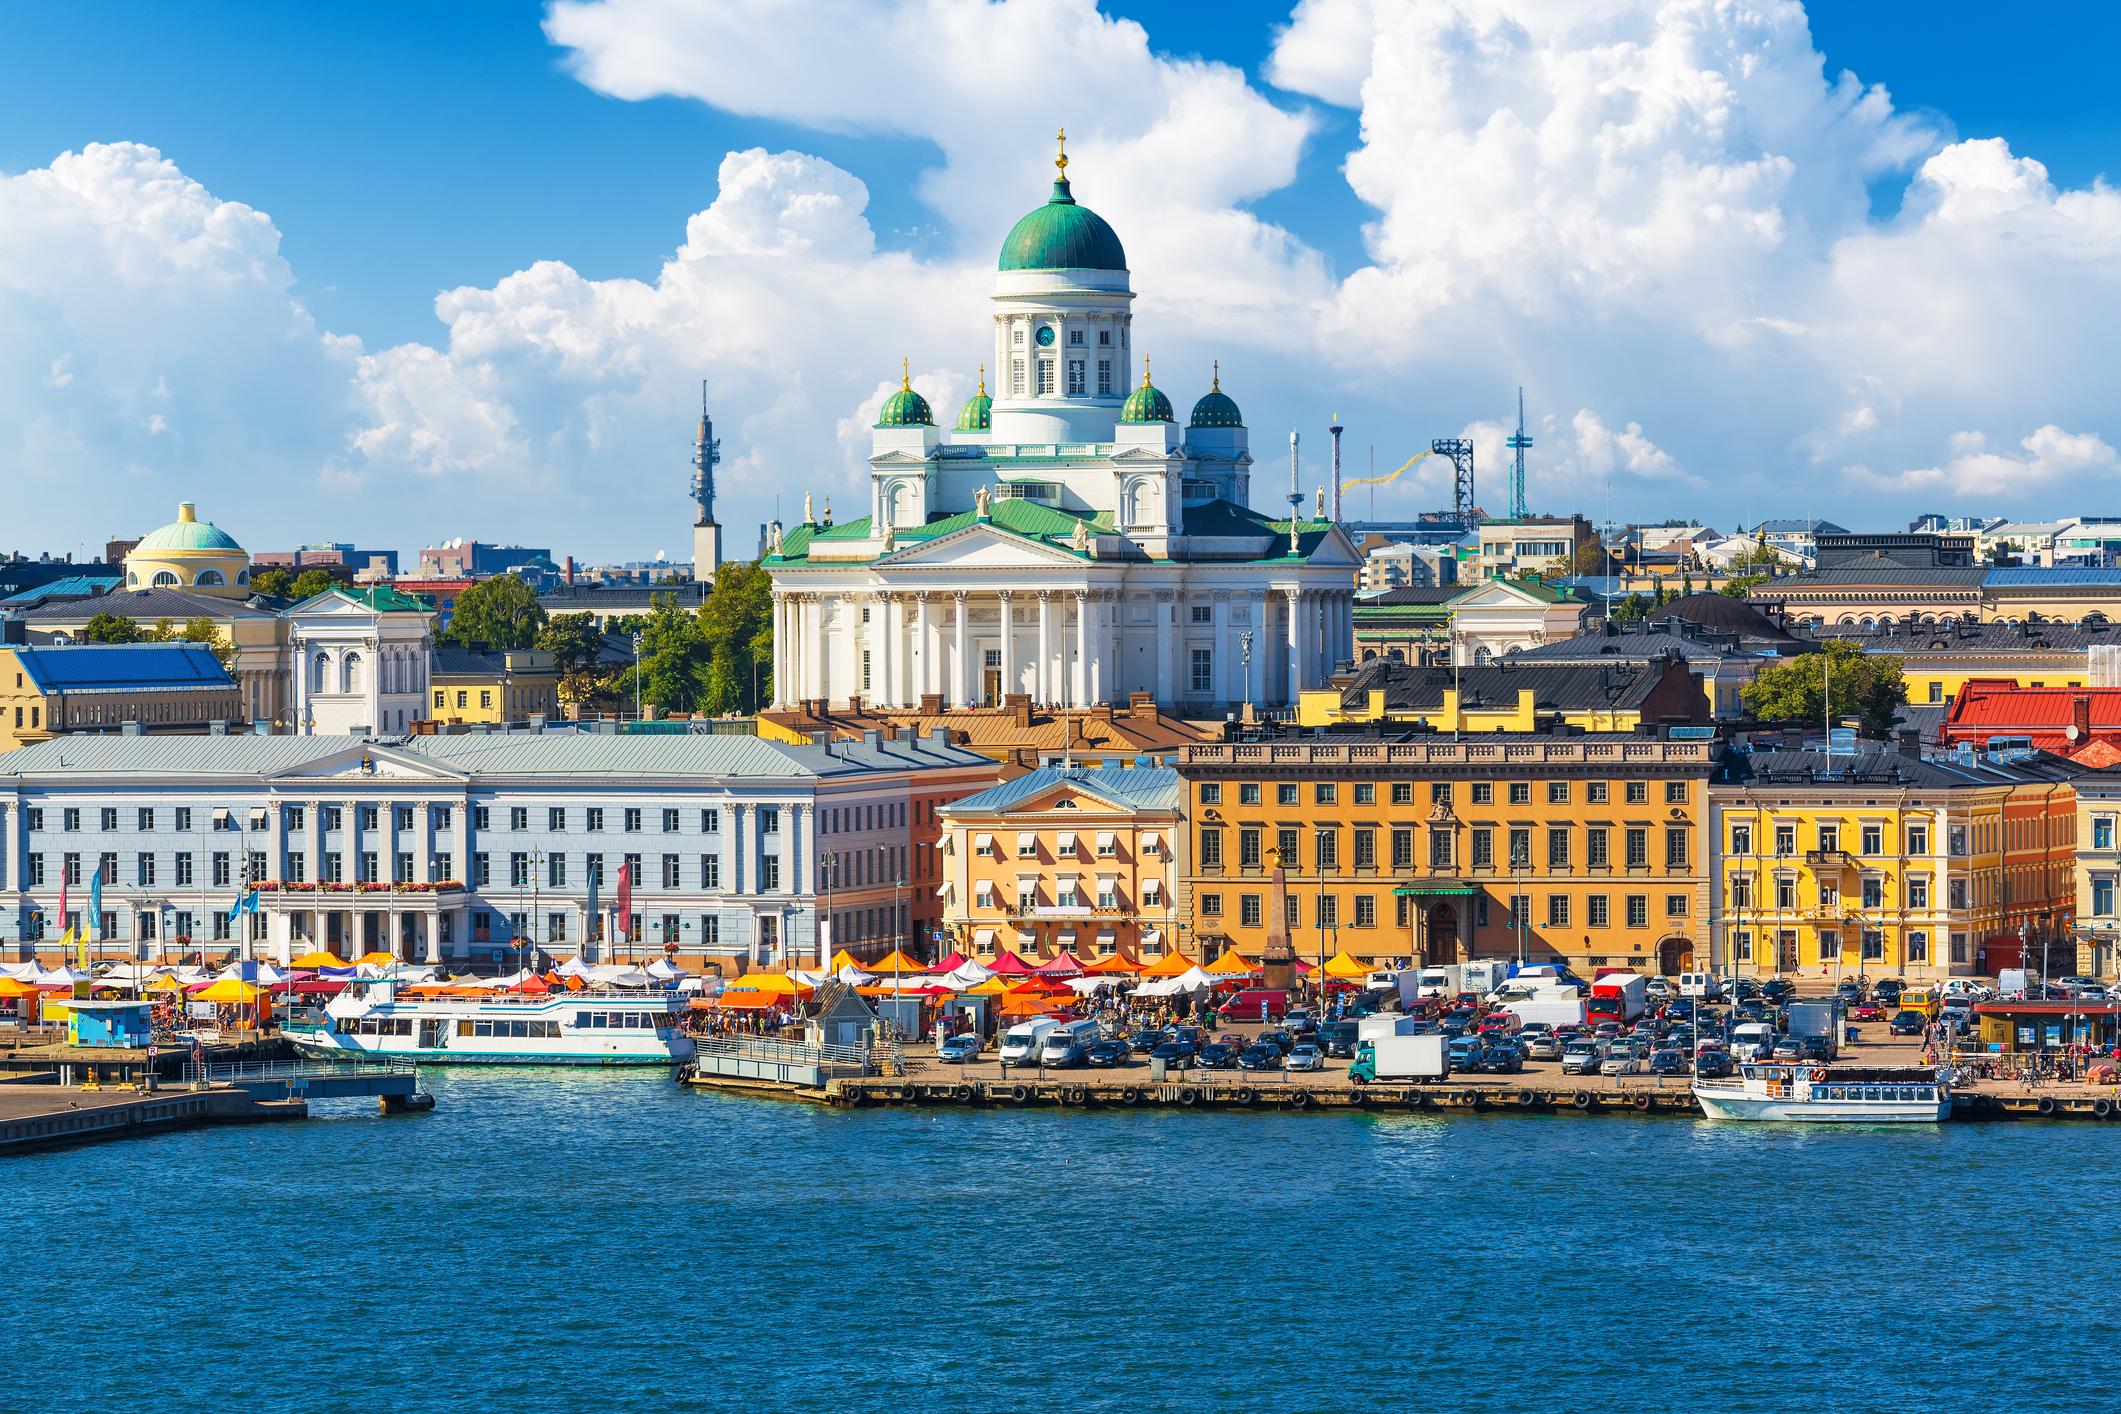 Helsinki Old Town pier